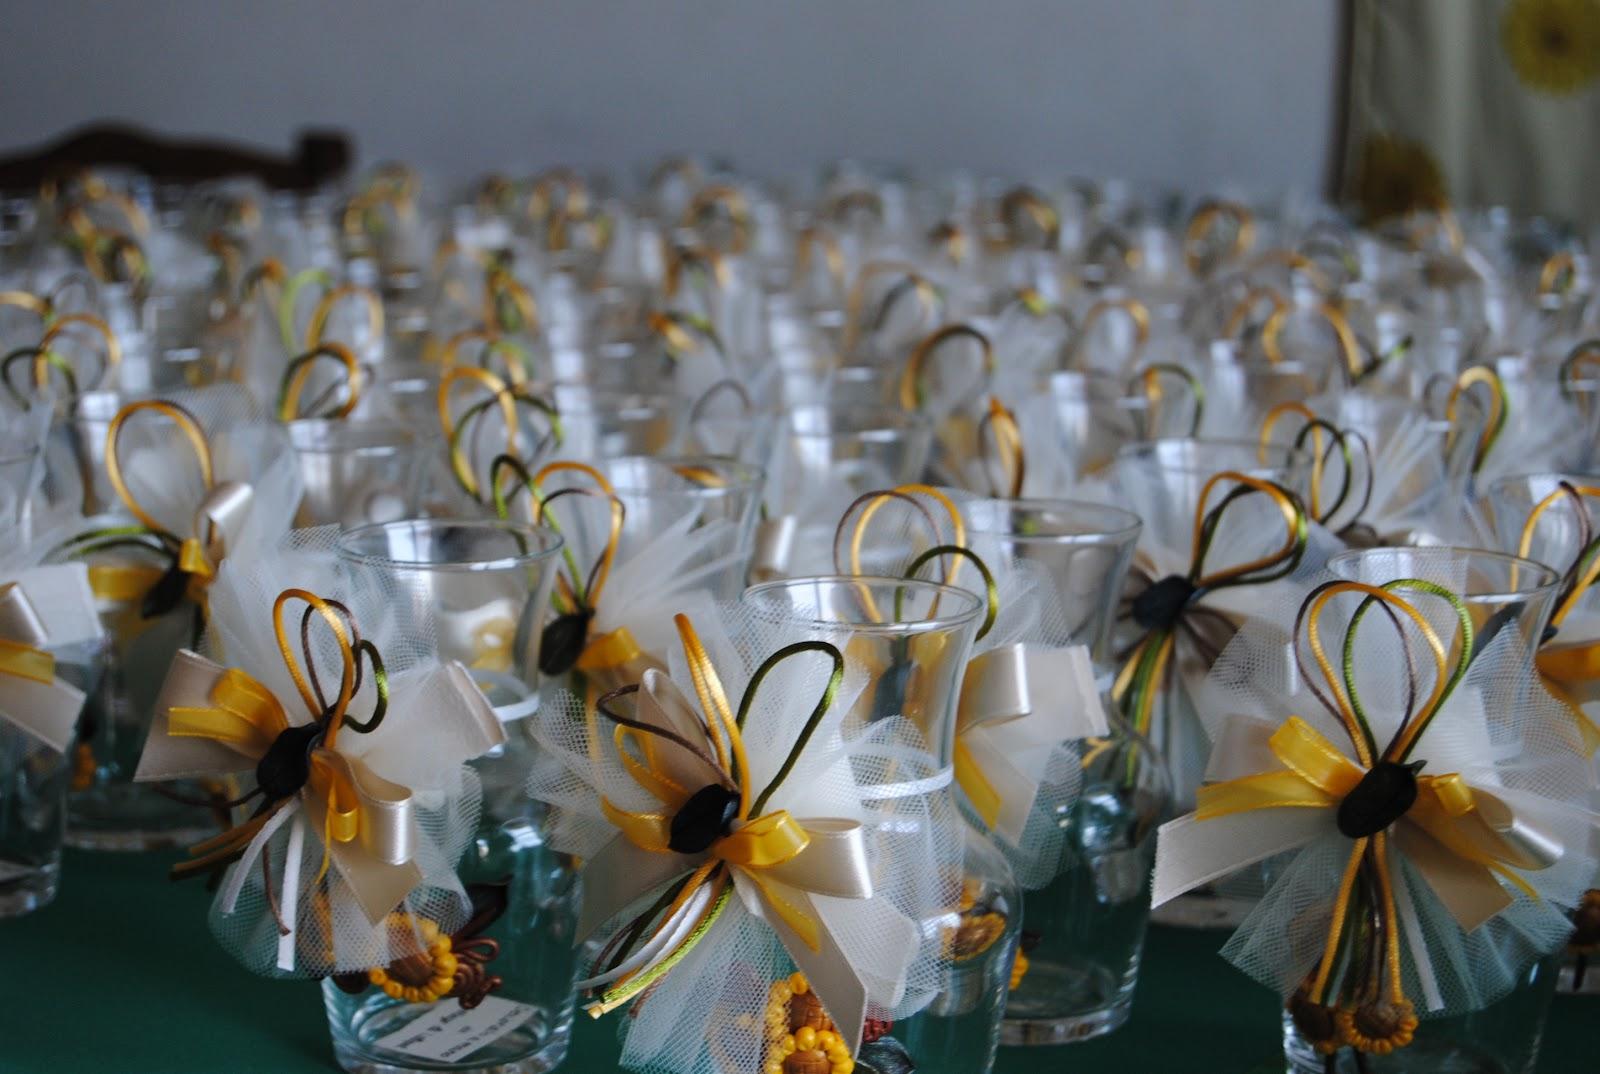 Bomboniere Girasoli Matrimonio : La bottega di lilliput bomboniere girasoli